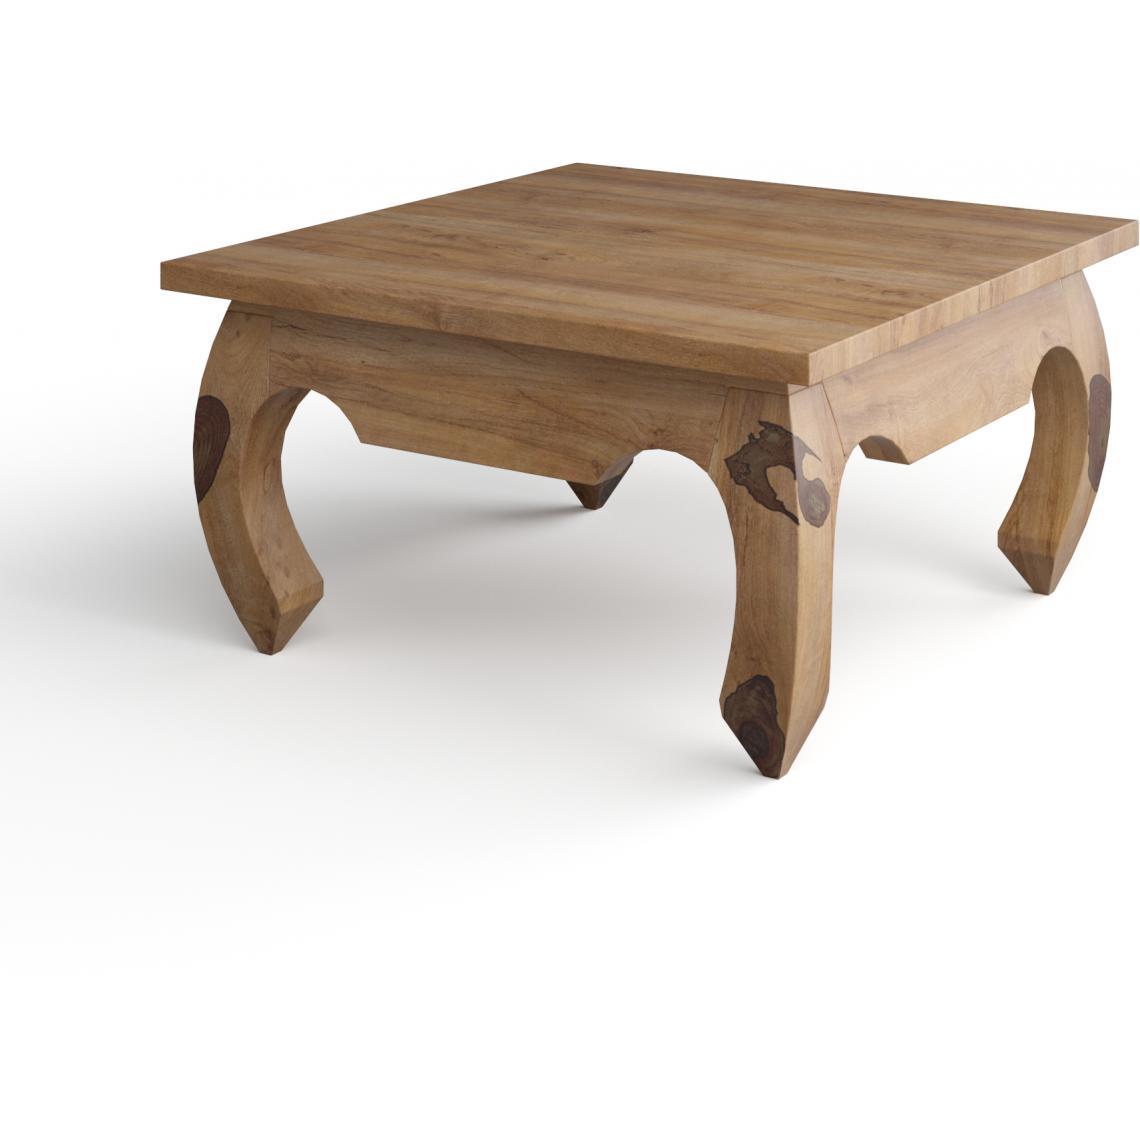 table basse carree en bois naturel